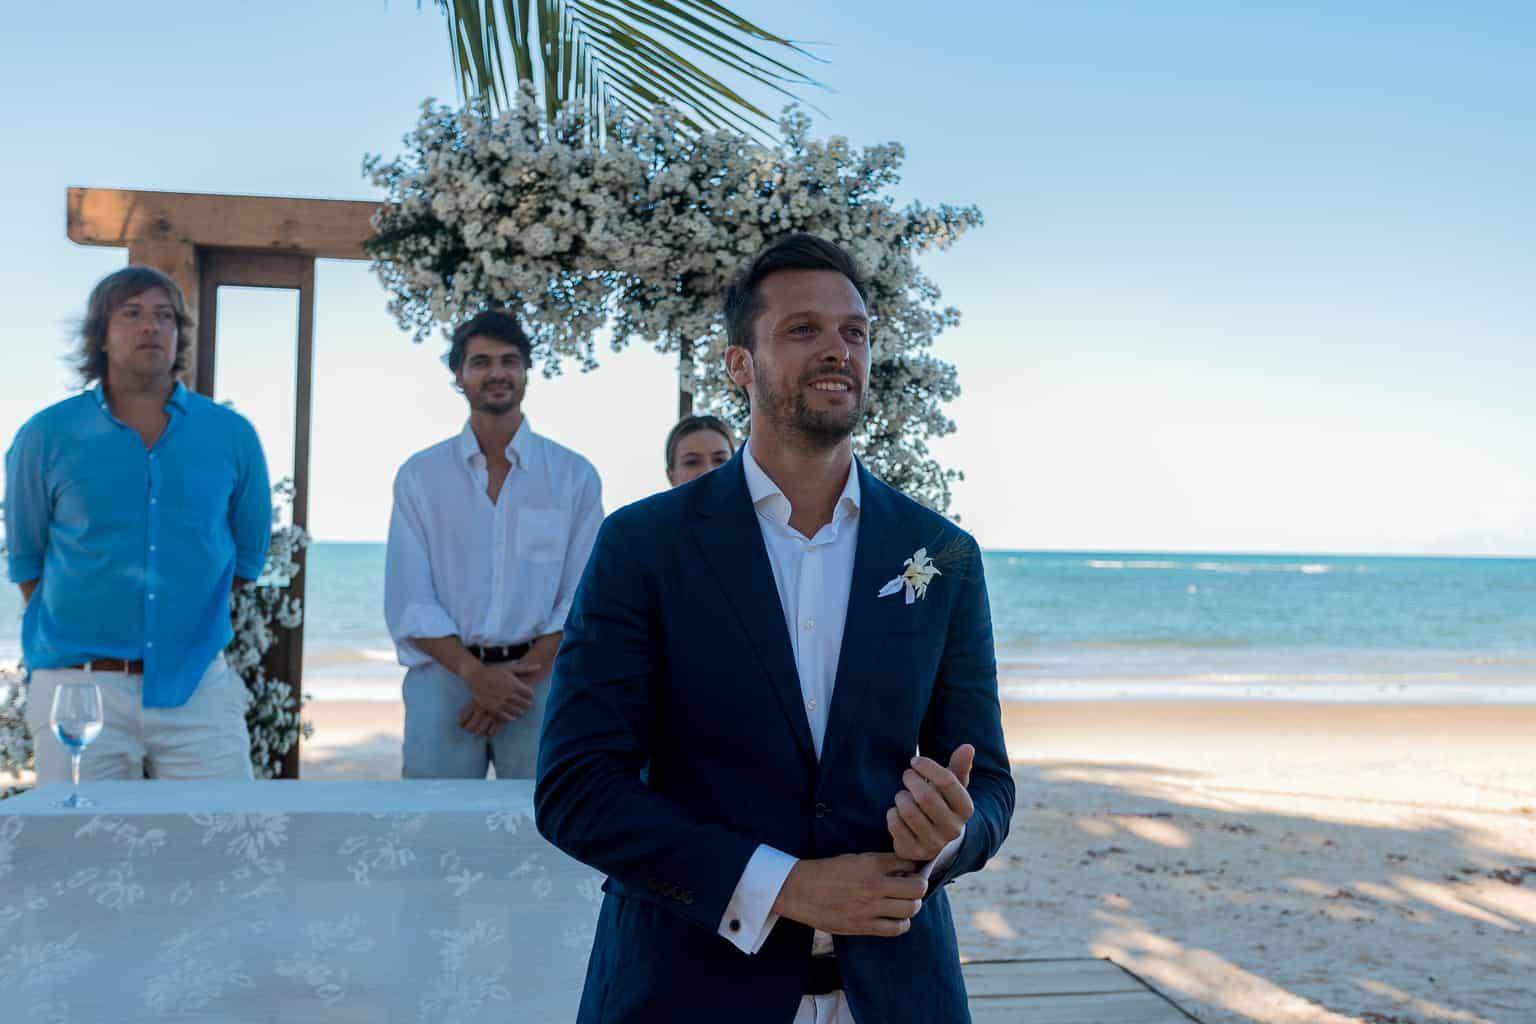 Casamento-Victoria-e-Christian-Fotografia-Tiago-Saldanha-Cerimônia231_MG_2341